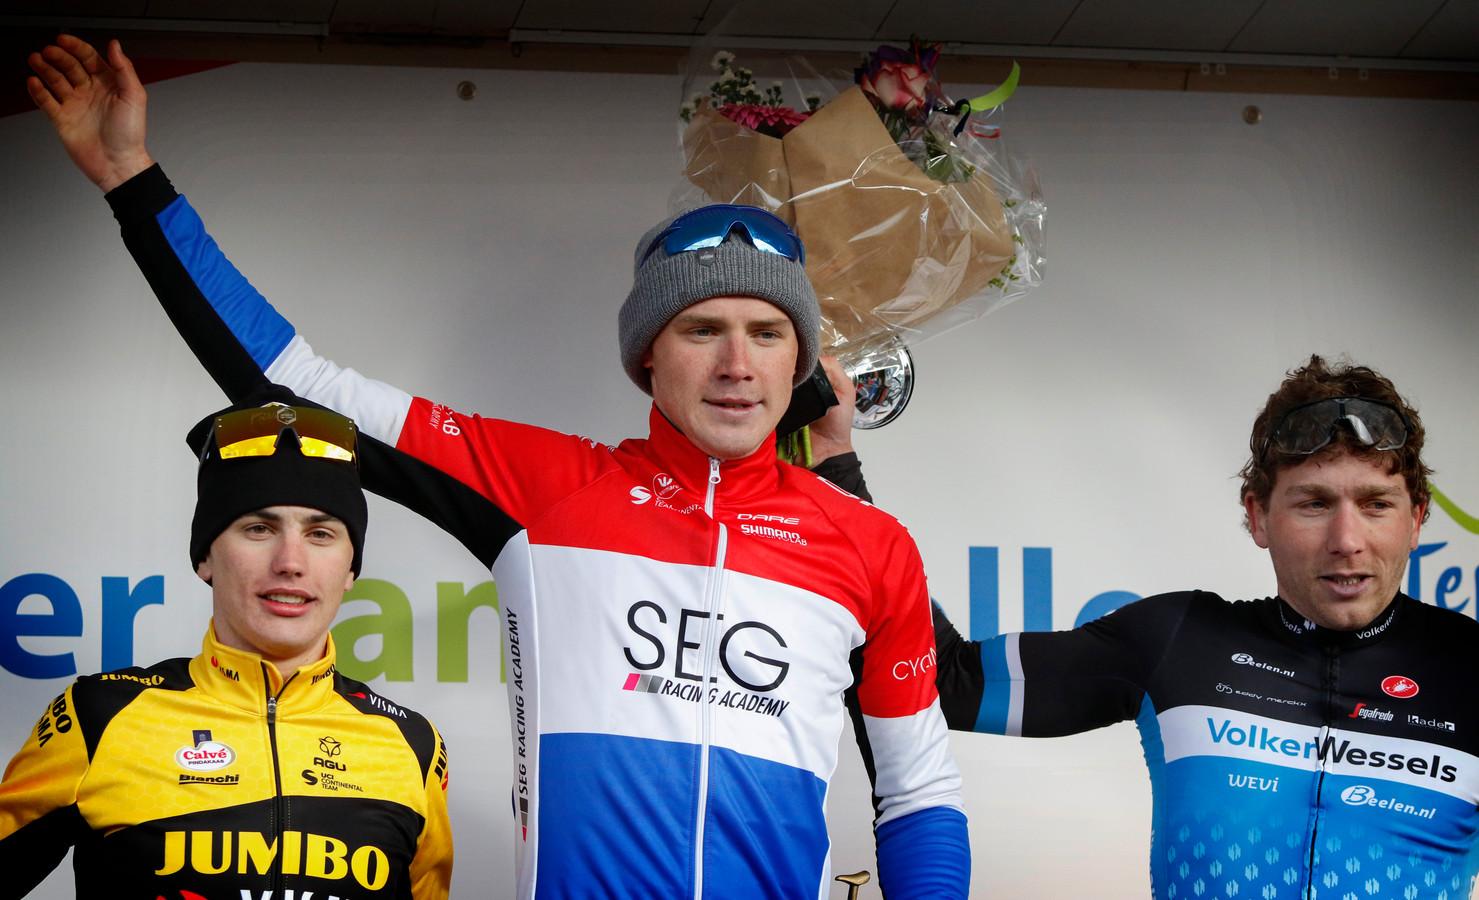 Met Coen Vermeltfoort op het podium van de Ster van Zwolle begon de wielerploeg van Allard Engels vorig jaar met een ereplaats.